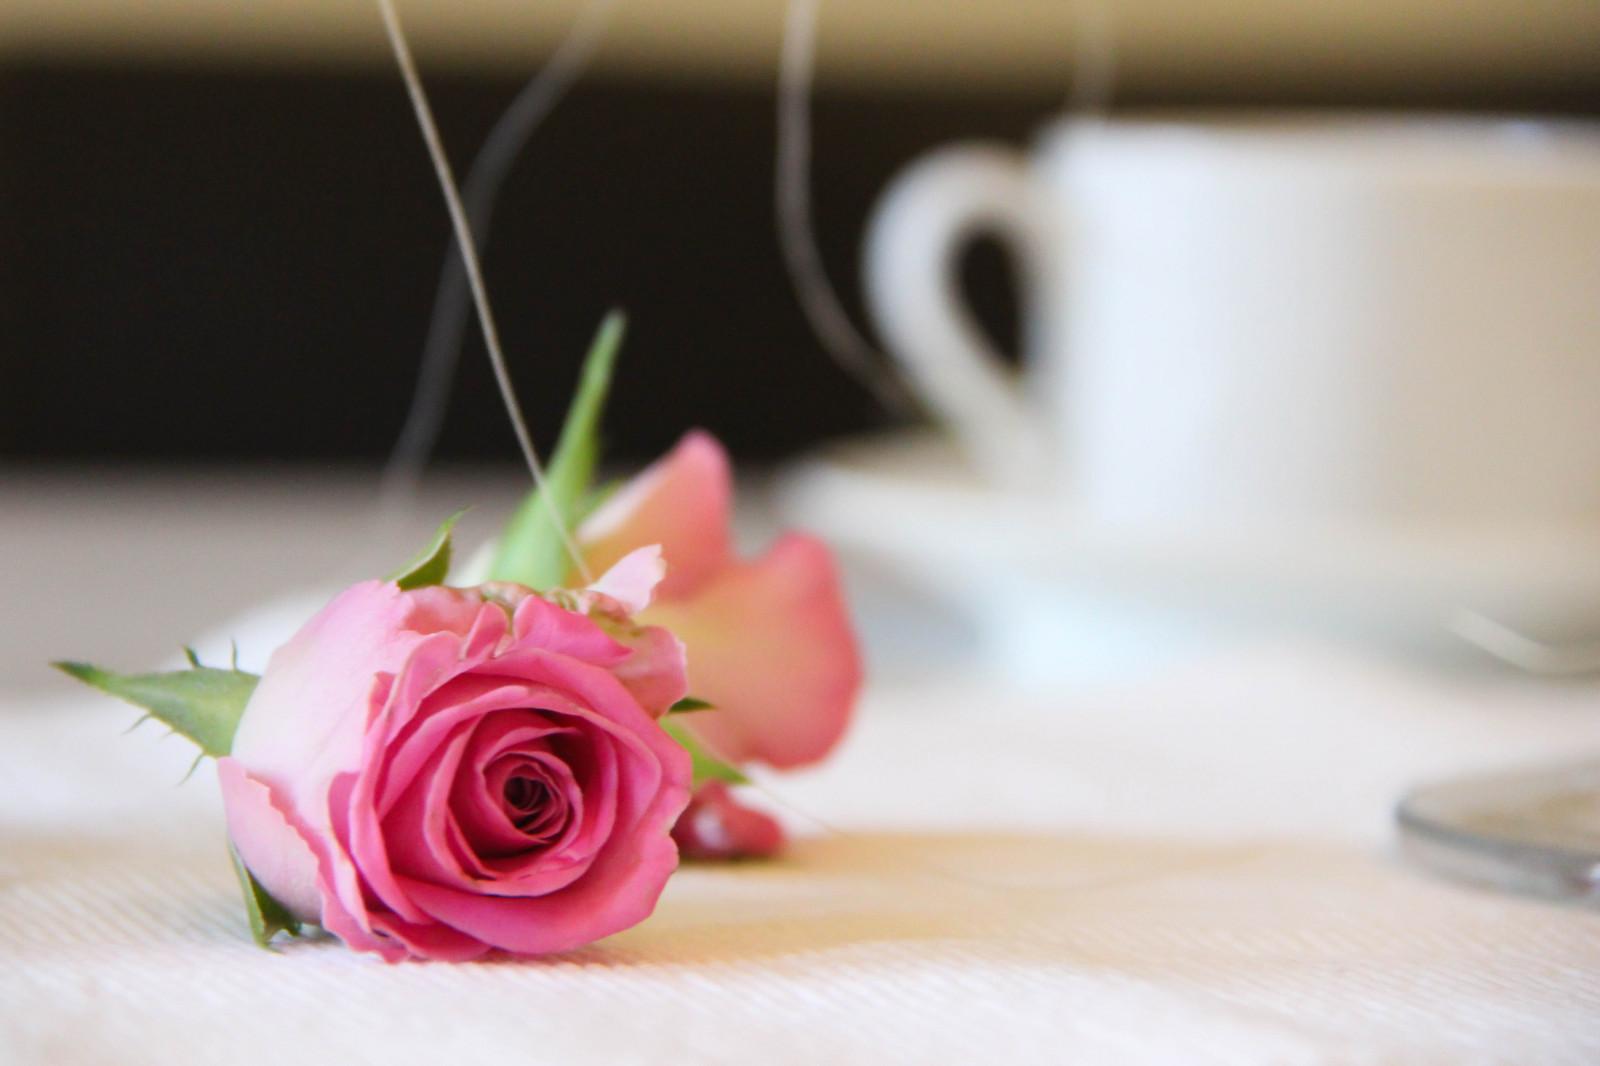 Fondos De Pantalla Flor Rosado Arreglos Florales